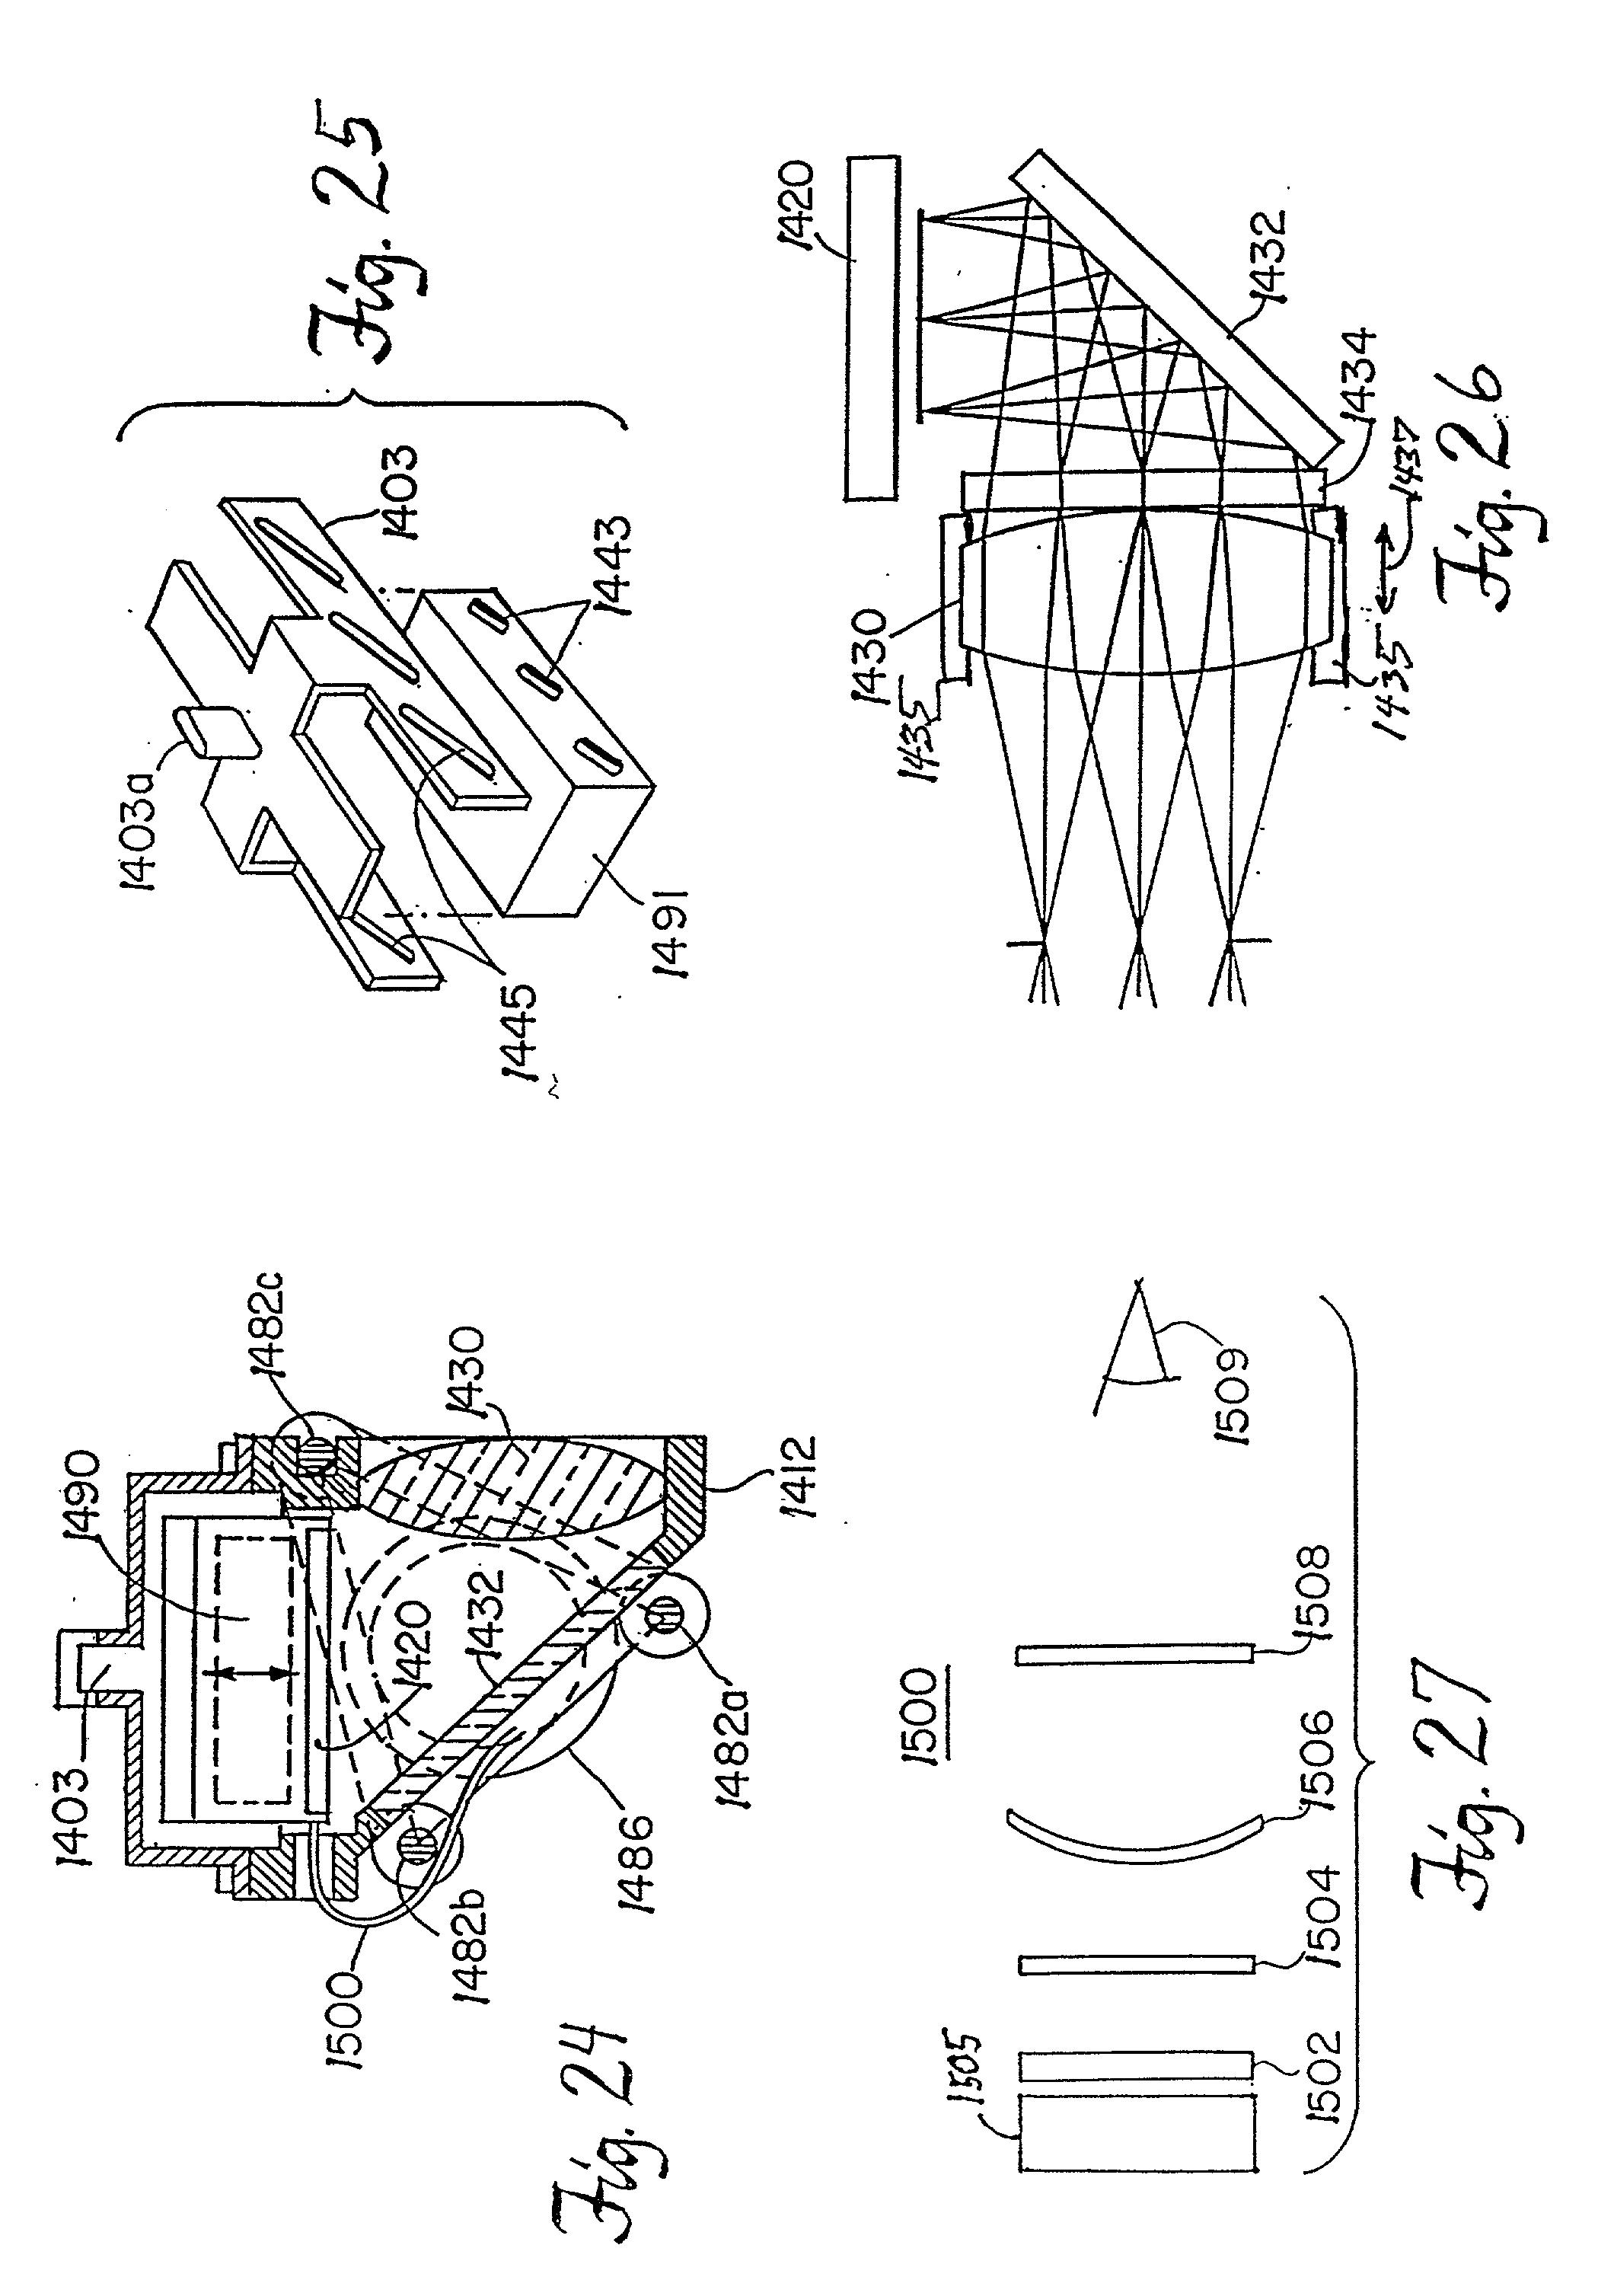 patent us20020030649